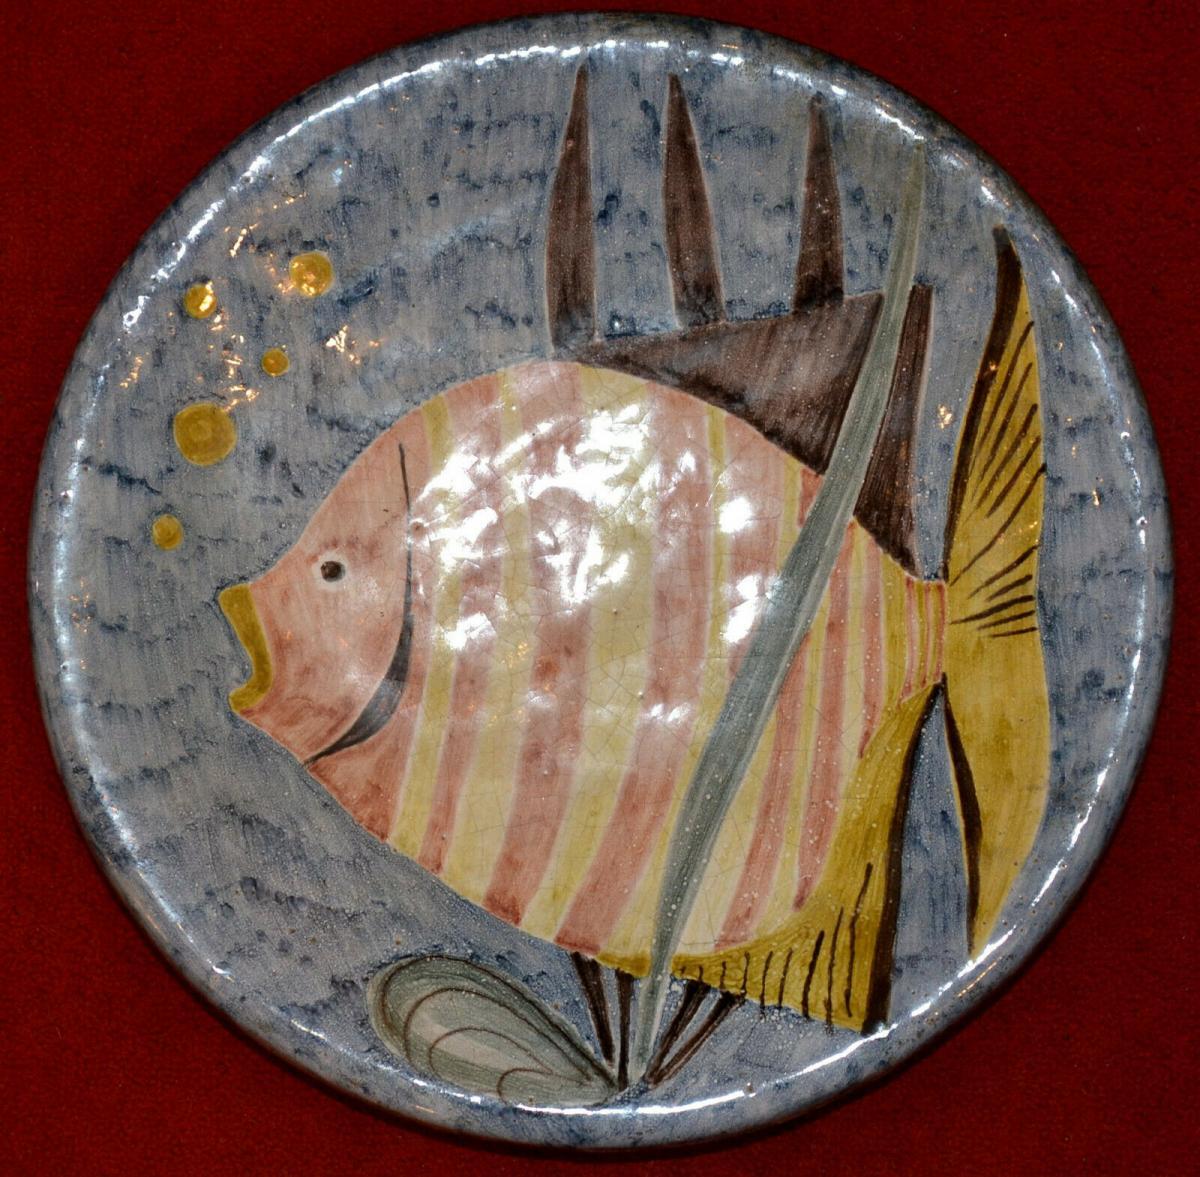 Keramikteller,Wand, Werkstätte Drewes-Zimmermann Schüler v. Feininger,Bauhaus 0